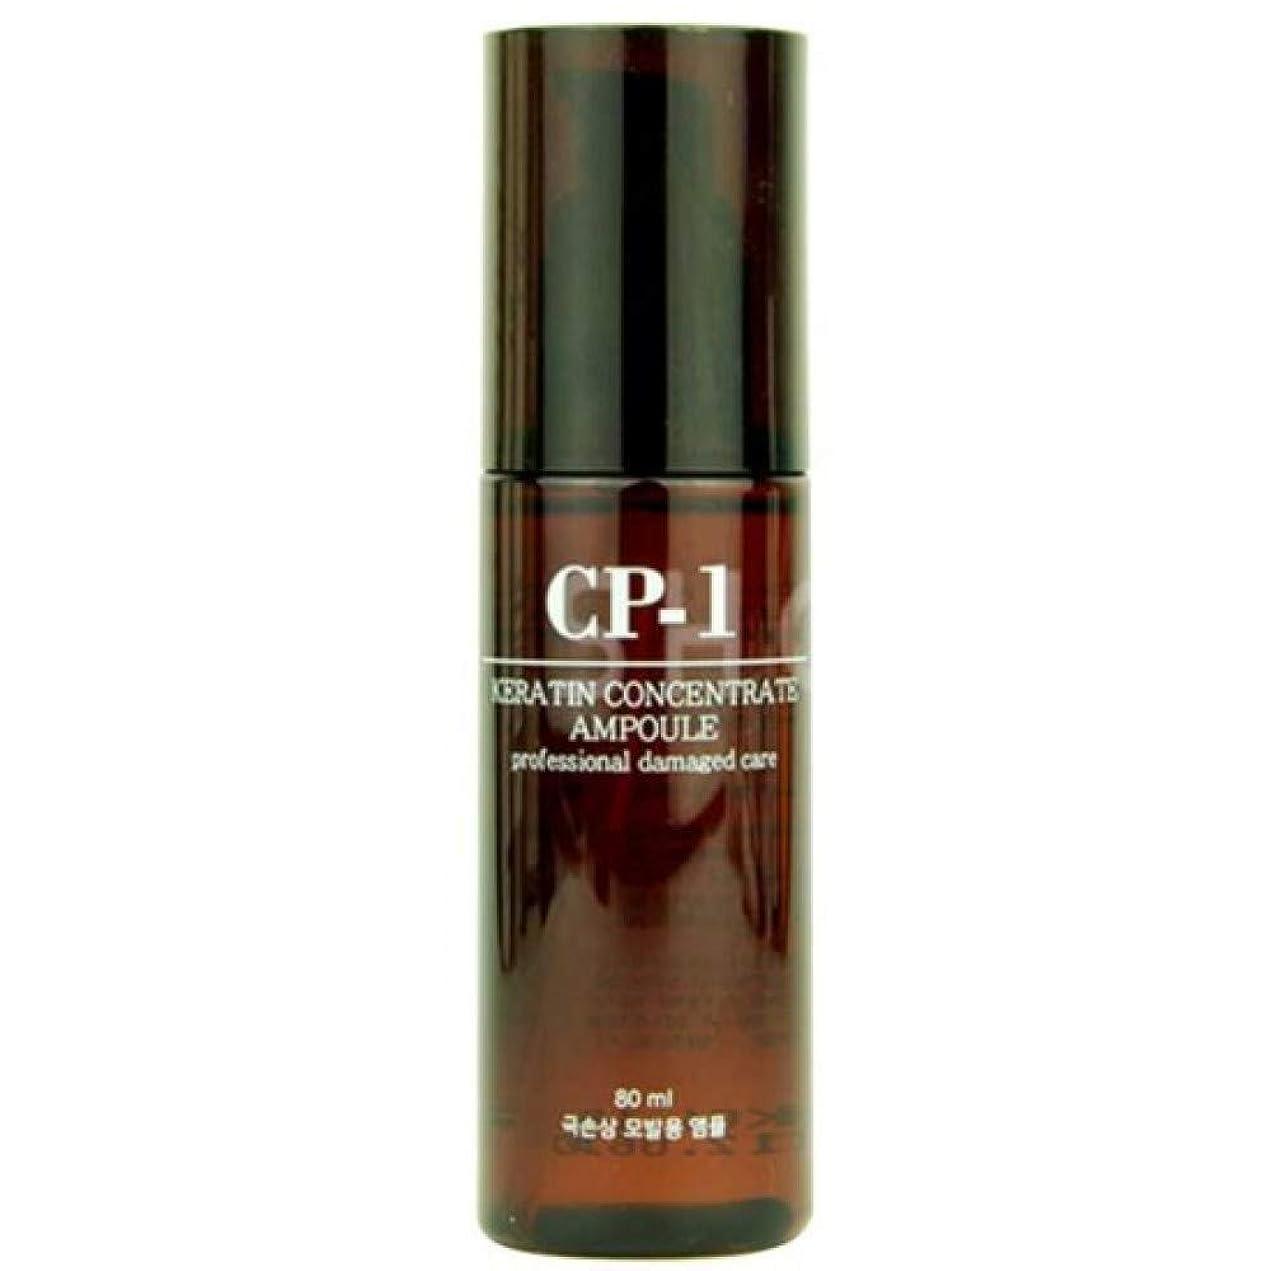 インタネットを見るかもしれないビバEsthetic House CP-1 ヘアアンプル Keratin Concentrate Ampoule 80ml プロ傷んだヘアケア Professional Damaged Hair Care, 韩国正品